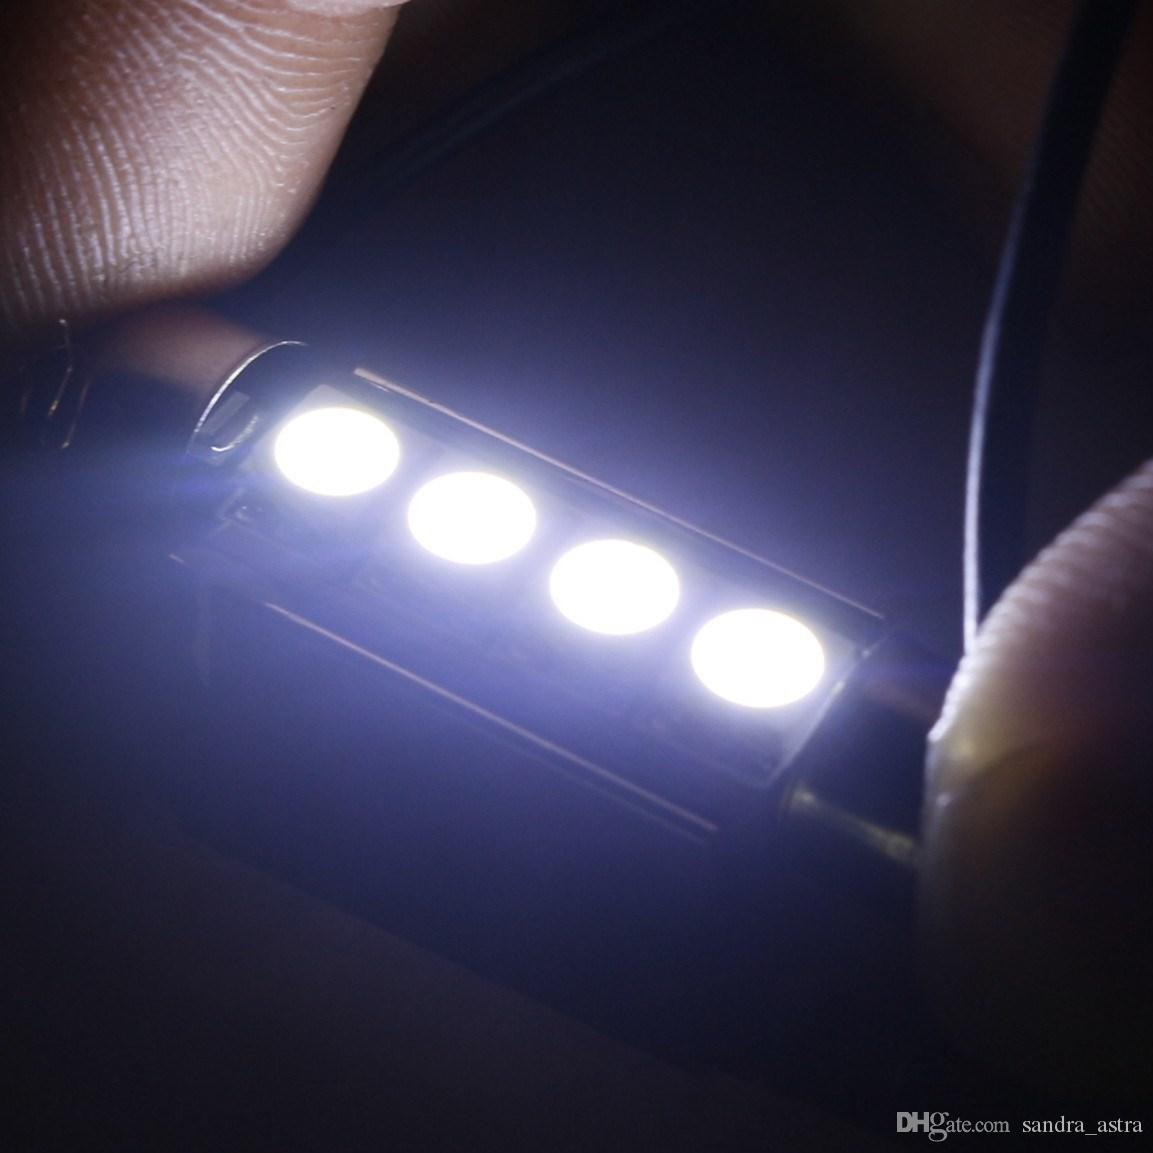 100 stücke neueste 31mm39mm 41mm C5W 4SMD 5050 LED 4SMD Weiß / Blau / rot CANBUS Error Free Auto Kennzeichenbeleuchtung Lampe haube Girlande Lampen 12 V